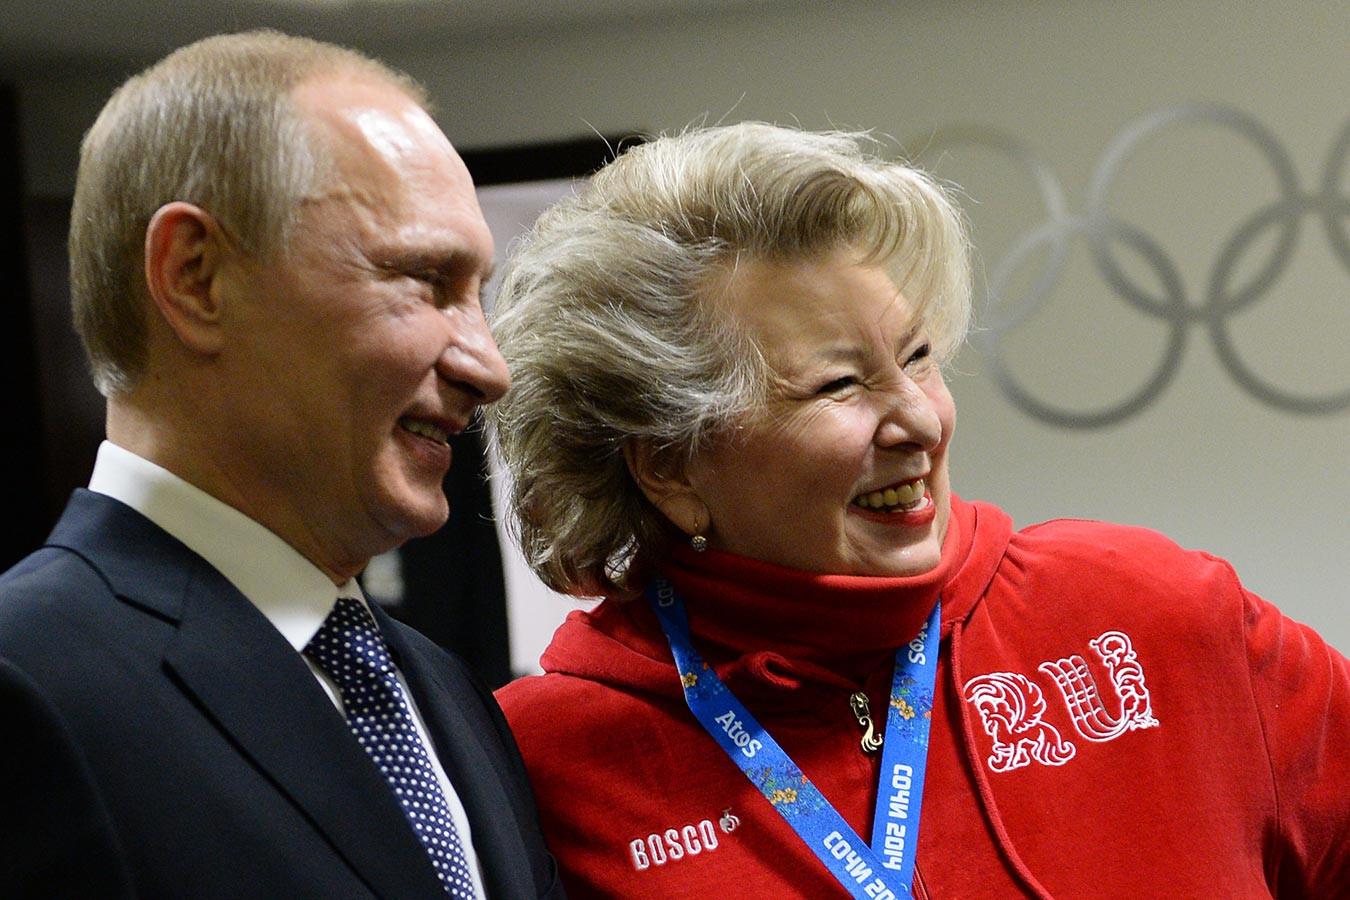 все первой последние фото тарасовой тренера из москвы тех